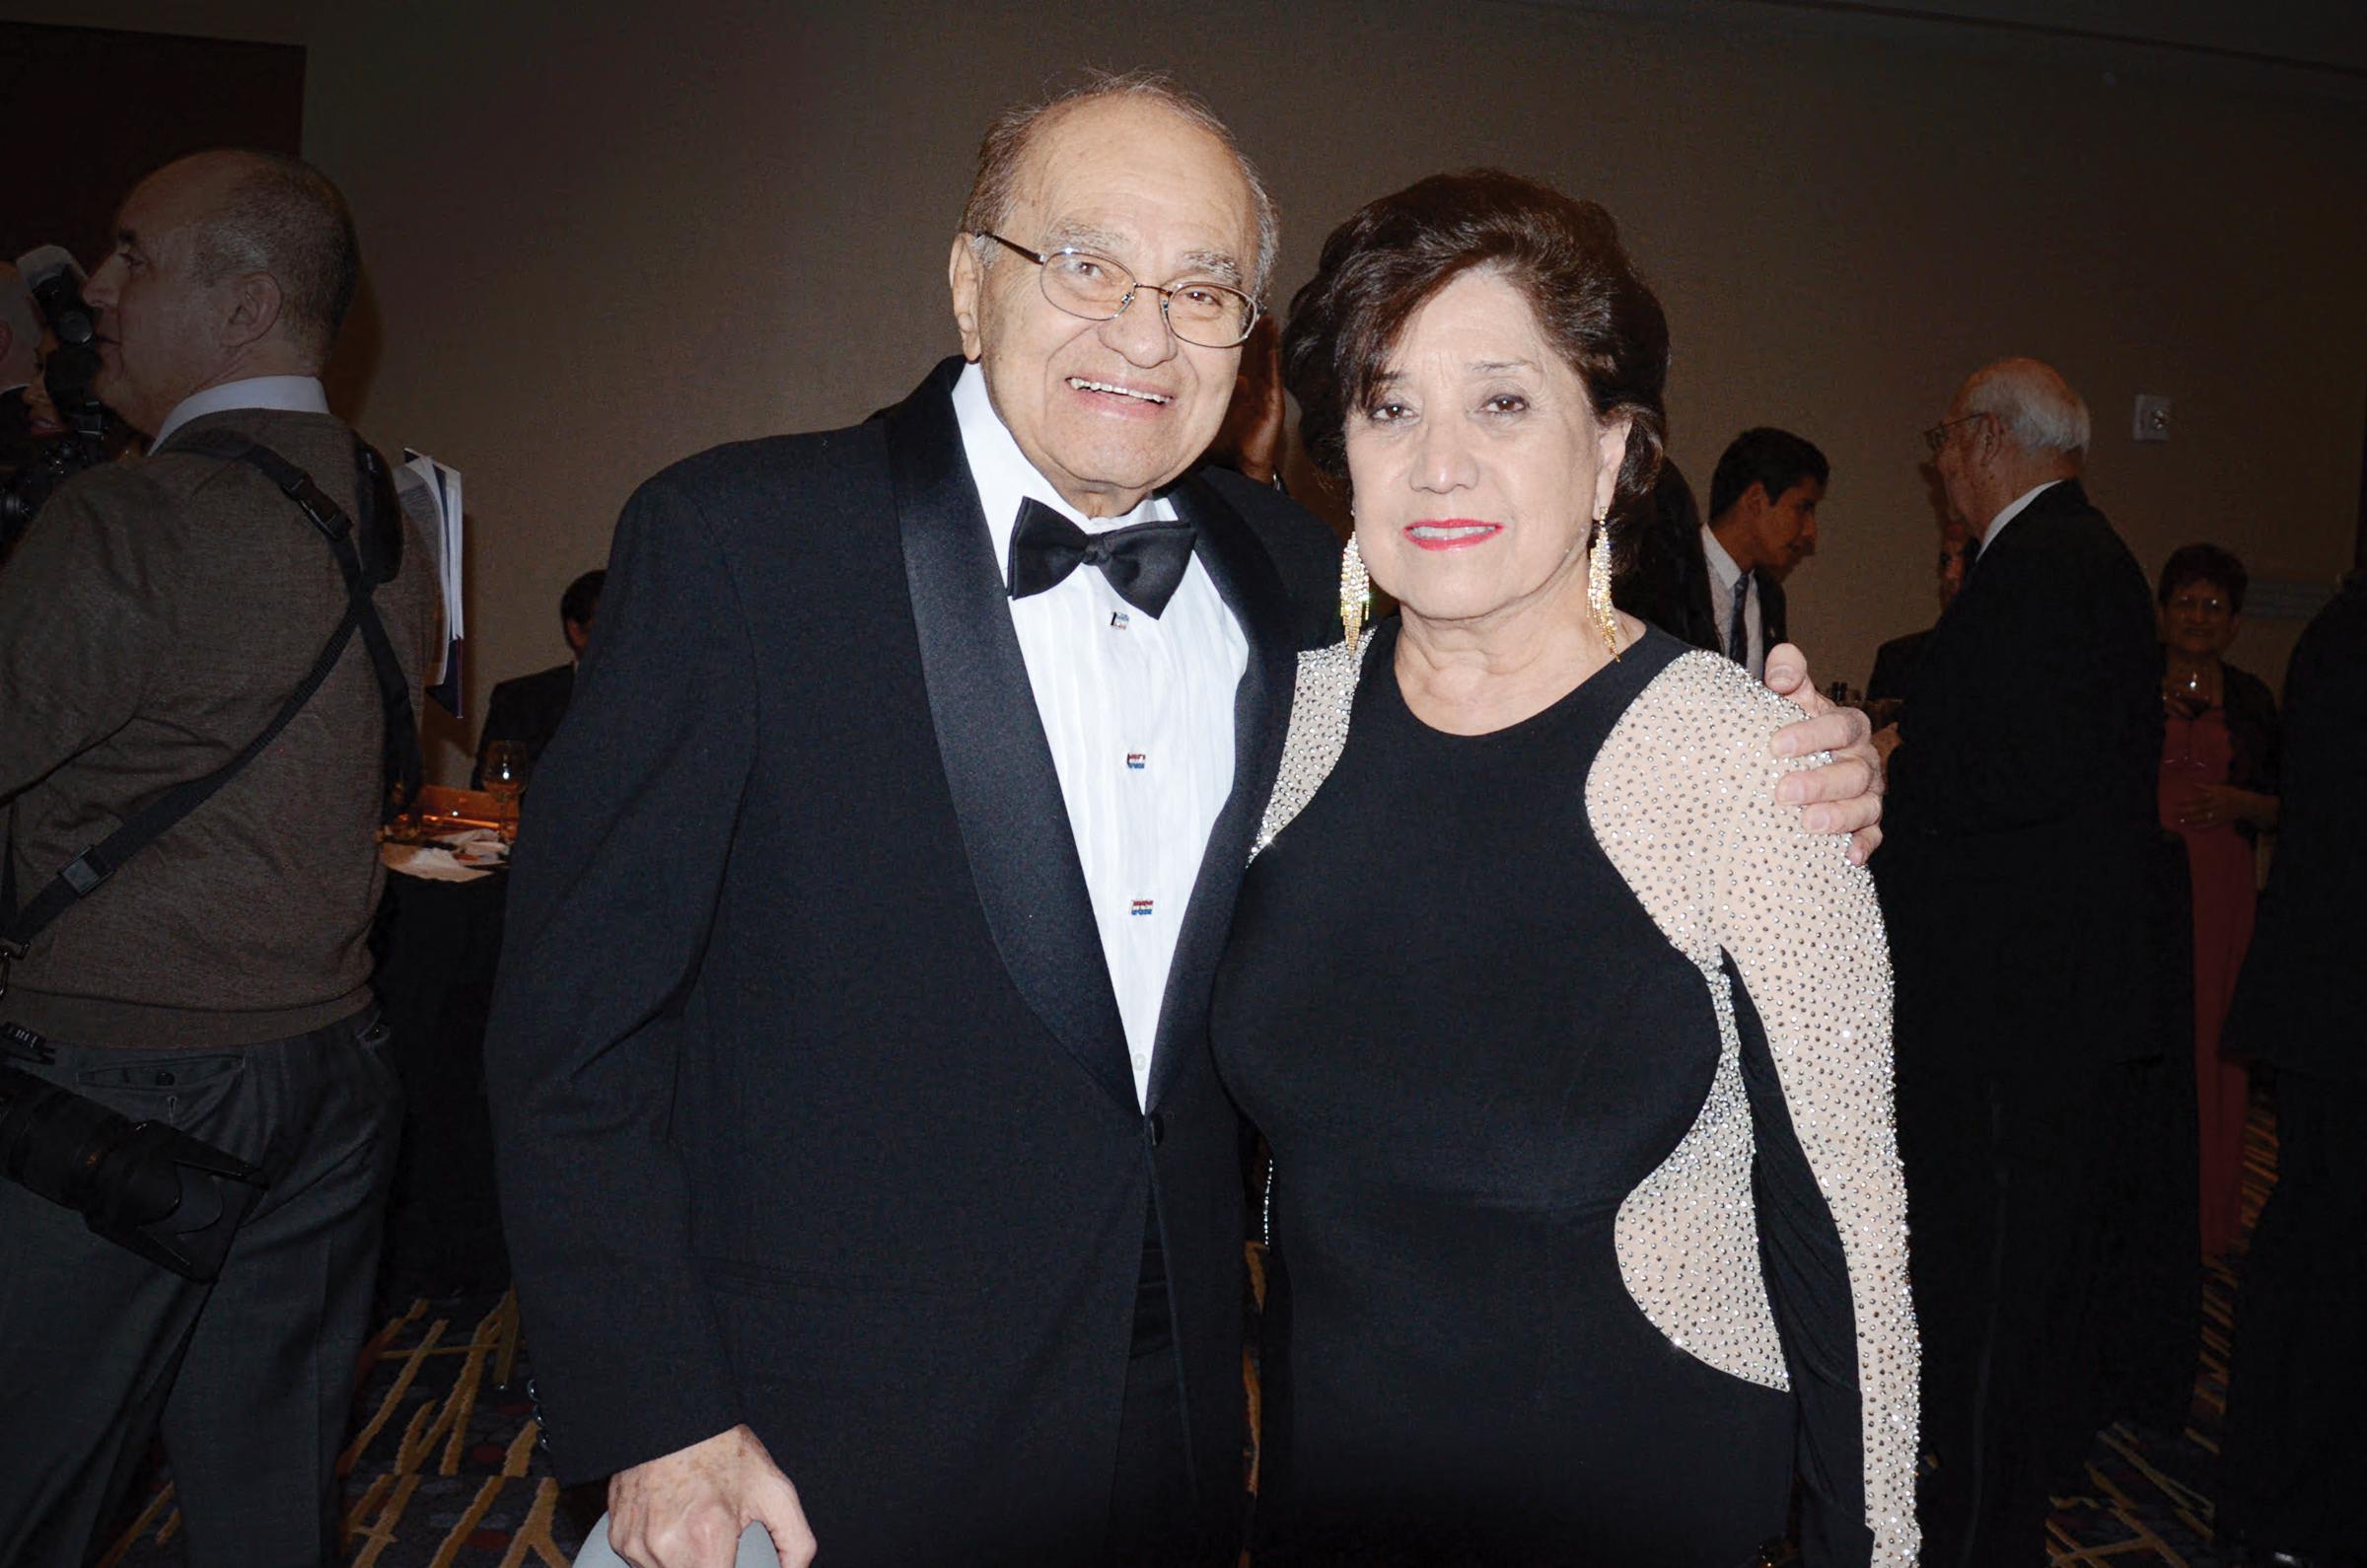 Fallece Eduardo Peña, Jr., expresidente de LULAC